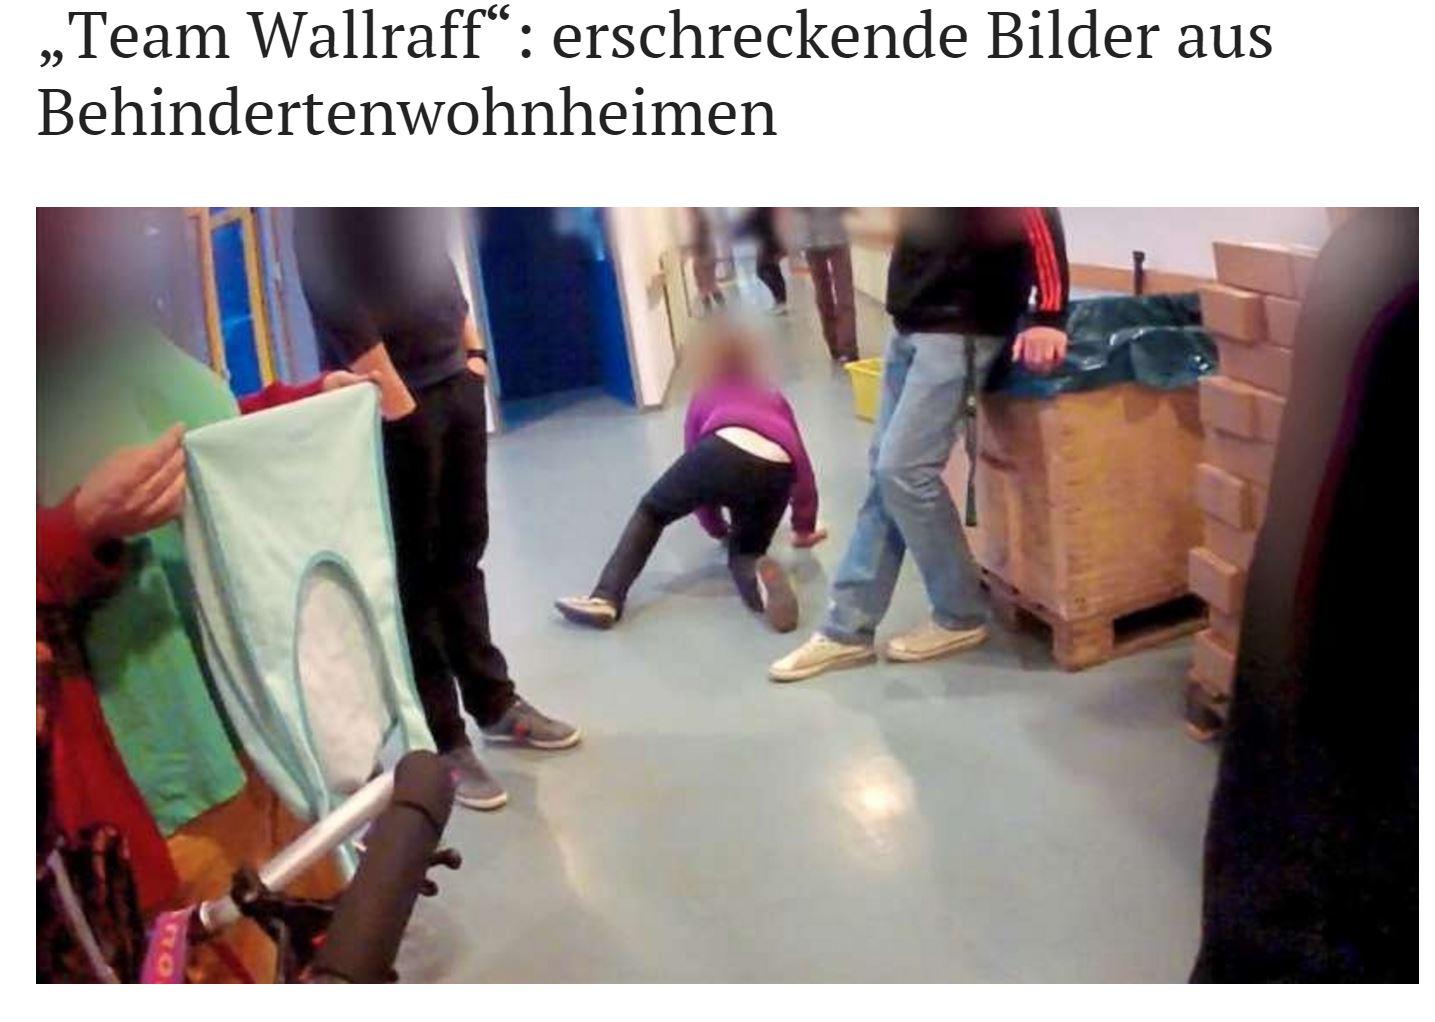 Team Wallraff – Wohnheim und Werkstatt für behinderte Menschen